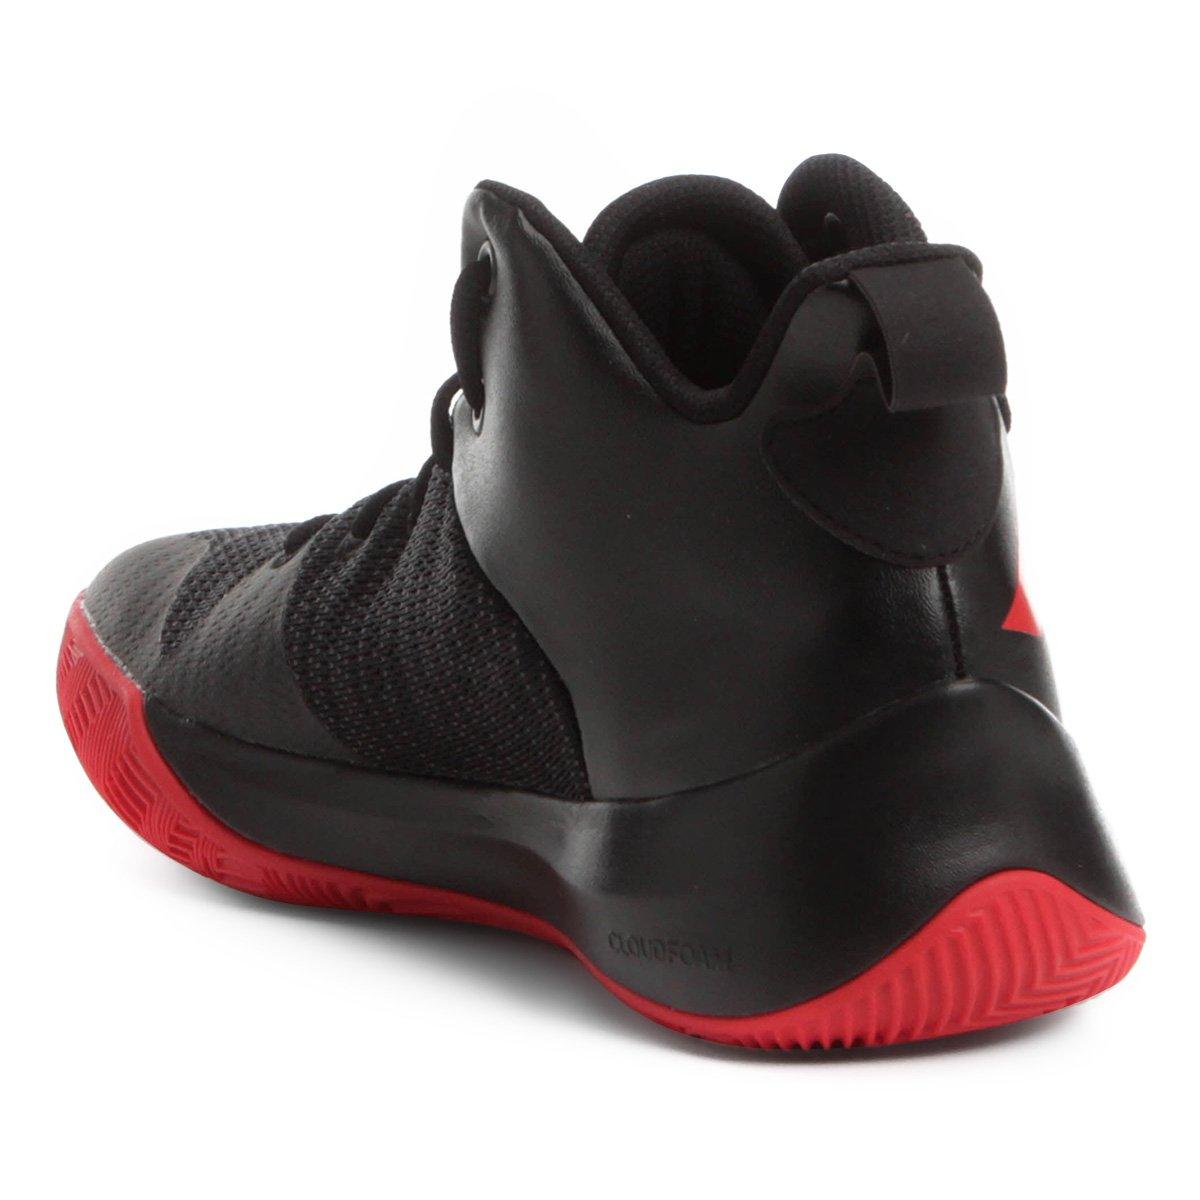 Tênis Adidas Explosive Flash Masculino - Preto e Vermelho - Compre ... b131bef3e2f1b